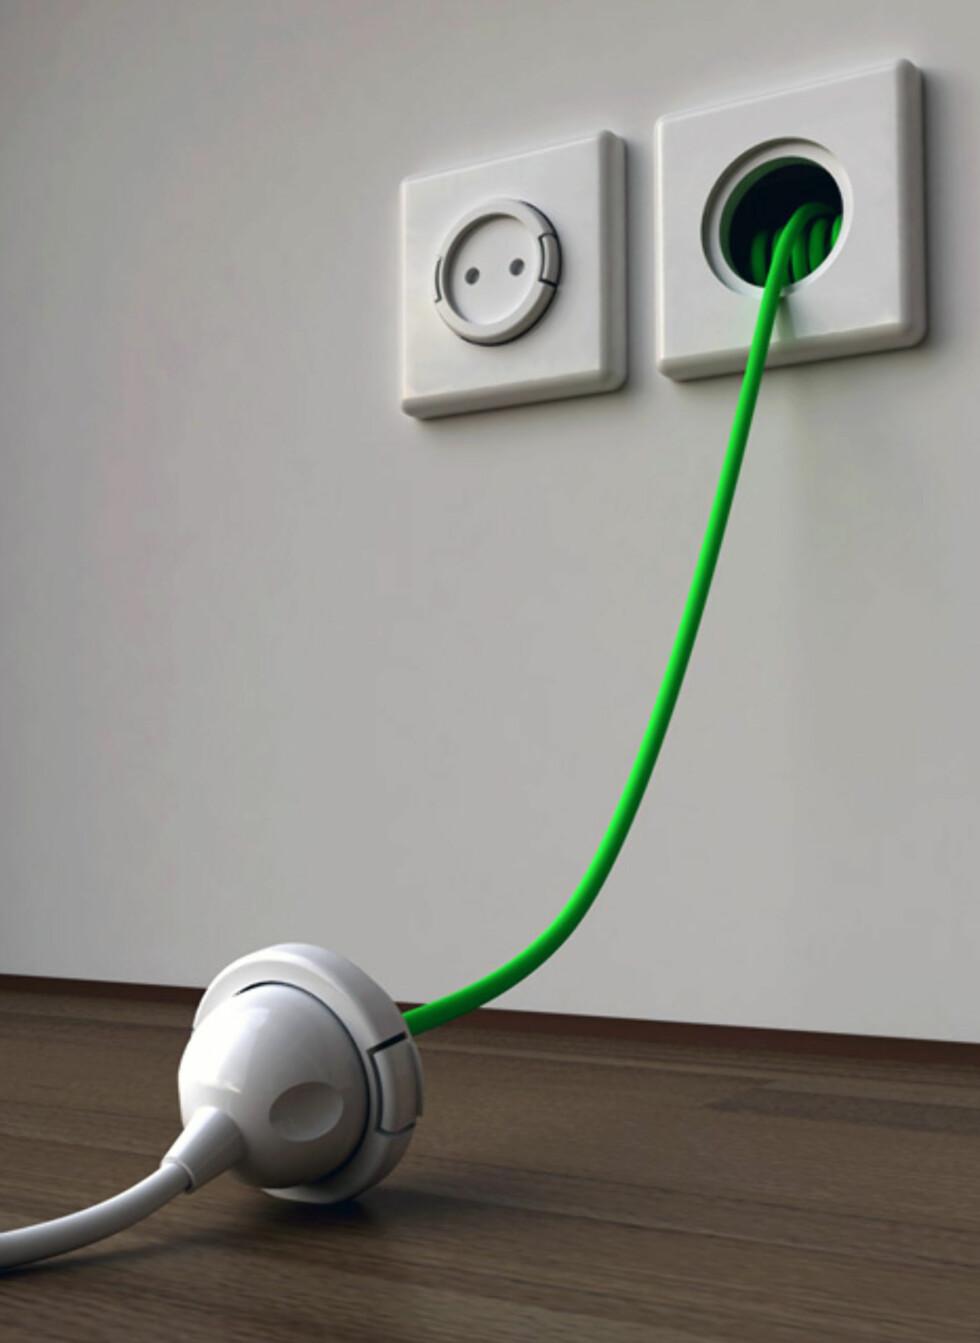 RETT UT: Dette bildet viser ikke alt, men det gjør heller ikke denne uttakbare strømledningen når den ikke er i bruk. Se bildespesialen midt i artikkelen for den hele og fulle sannheten.